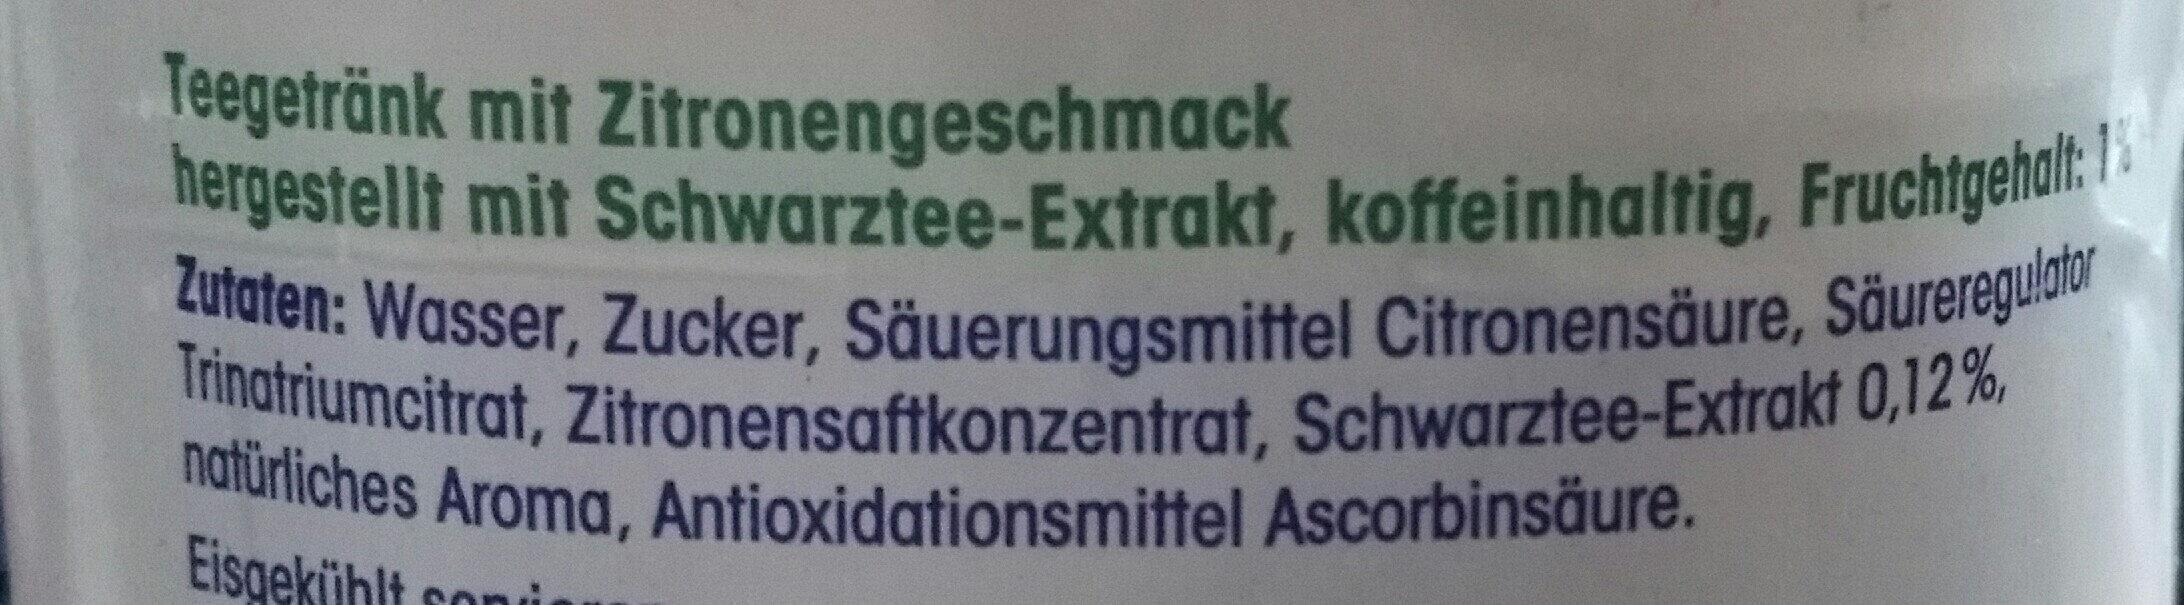 Eistee Zitrone - Ingredients - de